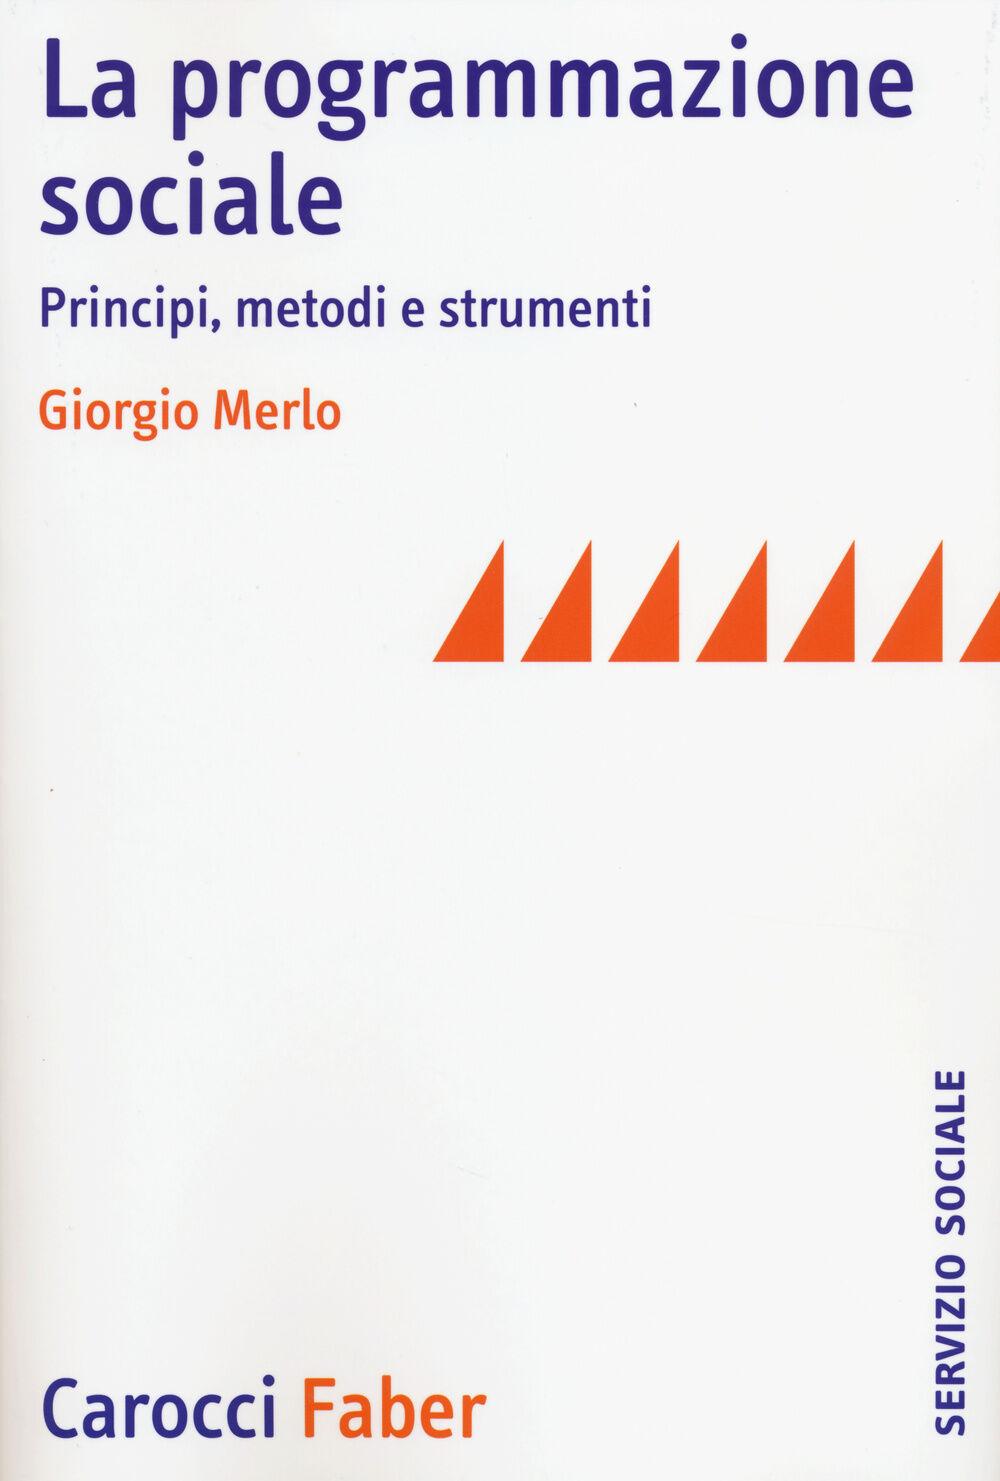 La programmazione sociale. Principi, metodi e strumenti